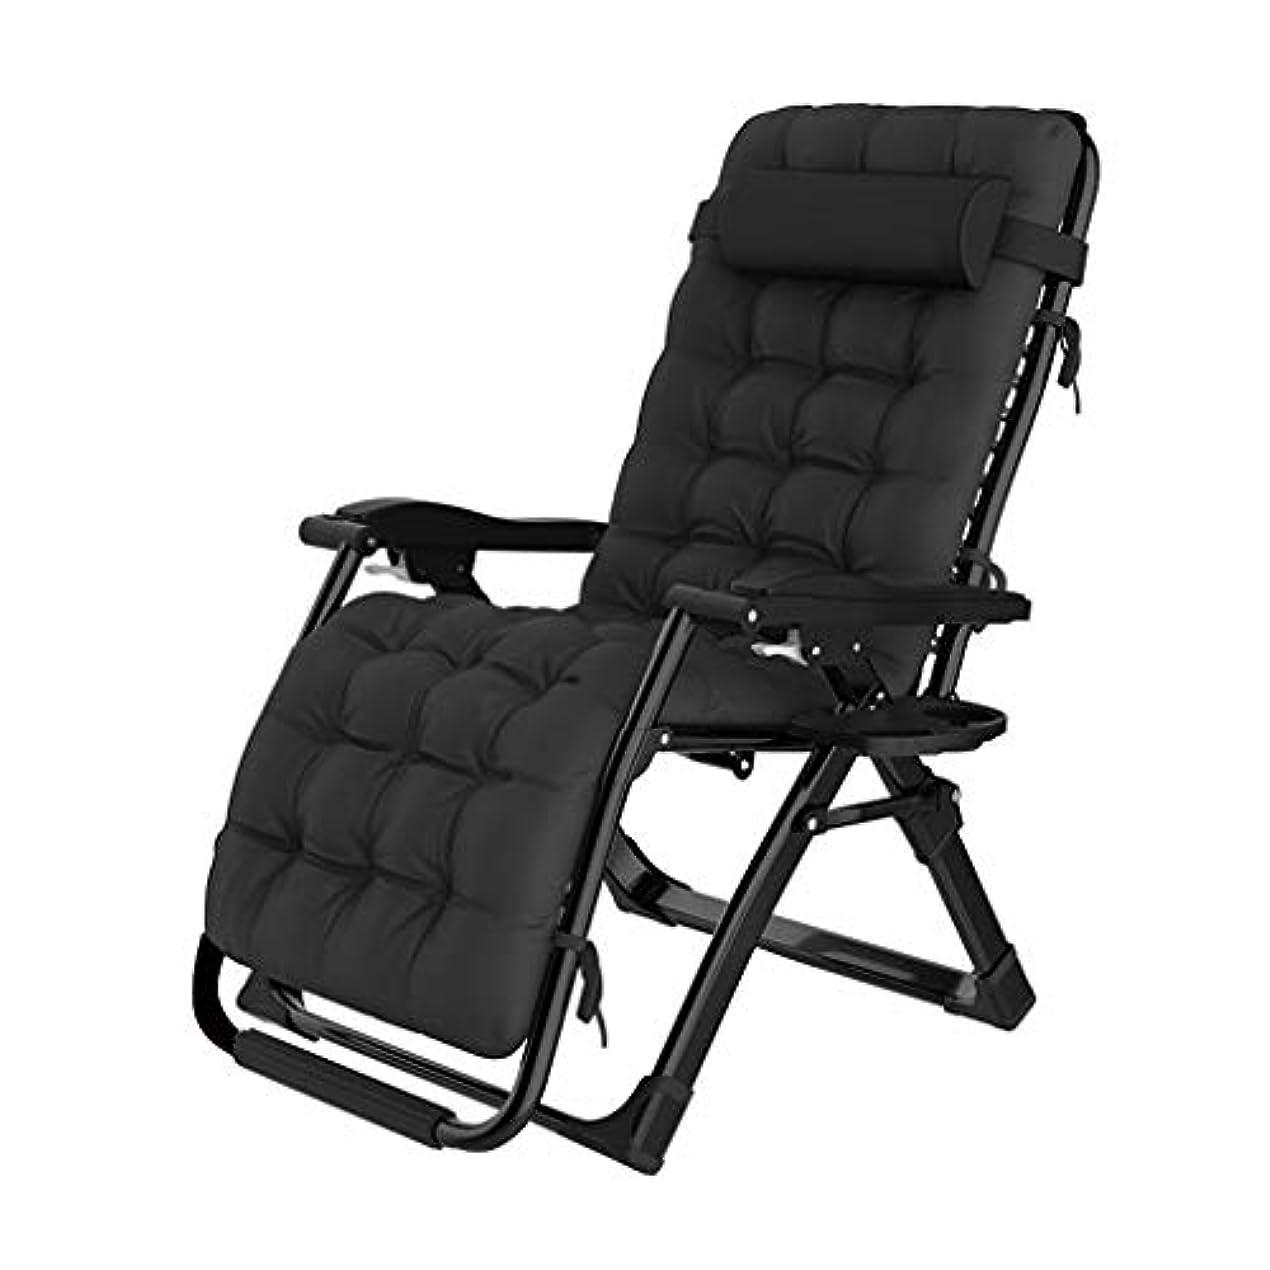 狂人物質オンCYLQ ゼロ重力ラウンジチェア、テラス調整可能な屋外傾斜椅子、カップ用ホルダー付きテラスガーデンプールサイドビーチリクライニングチェアブラック、65 * 98 * 15 Cm (色 : Black+mat)